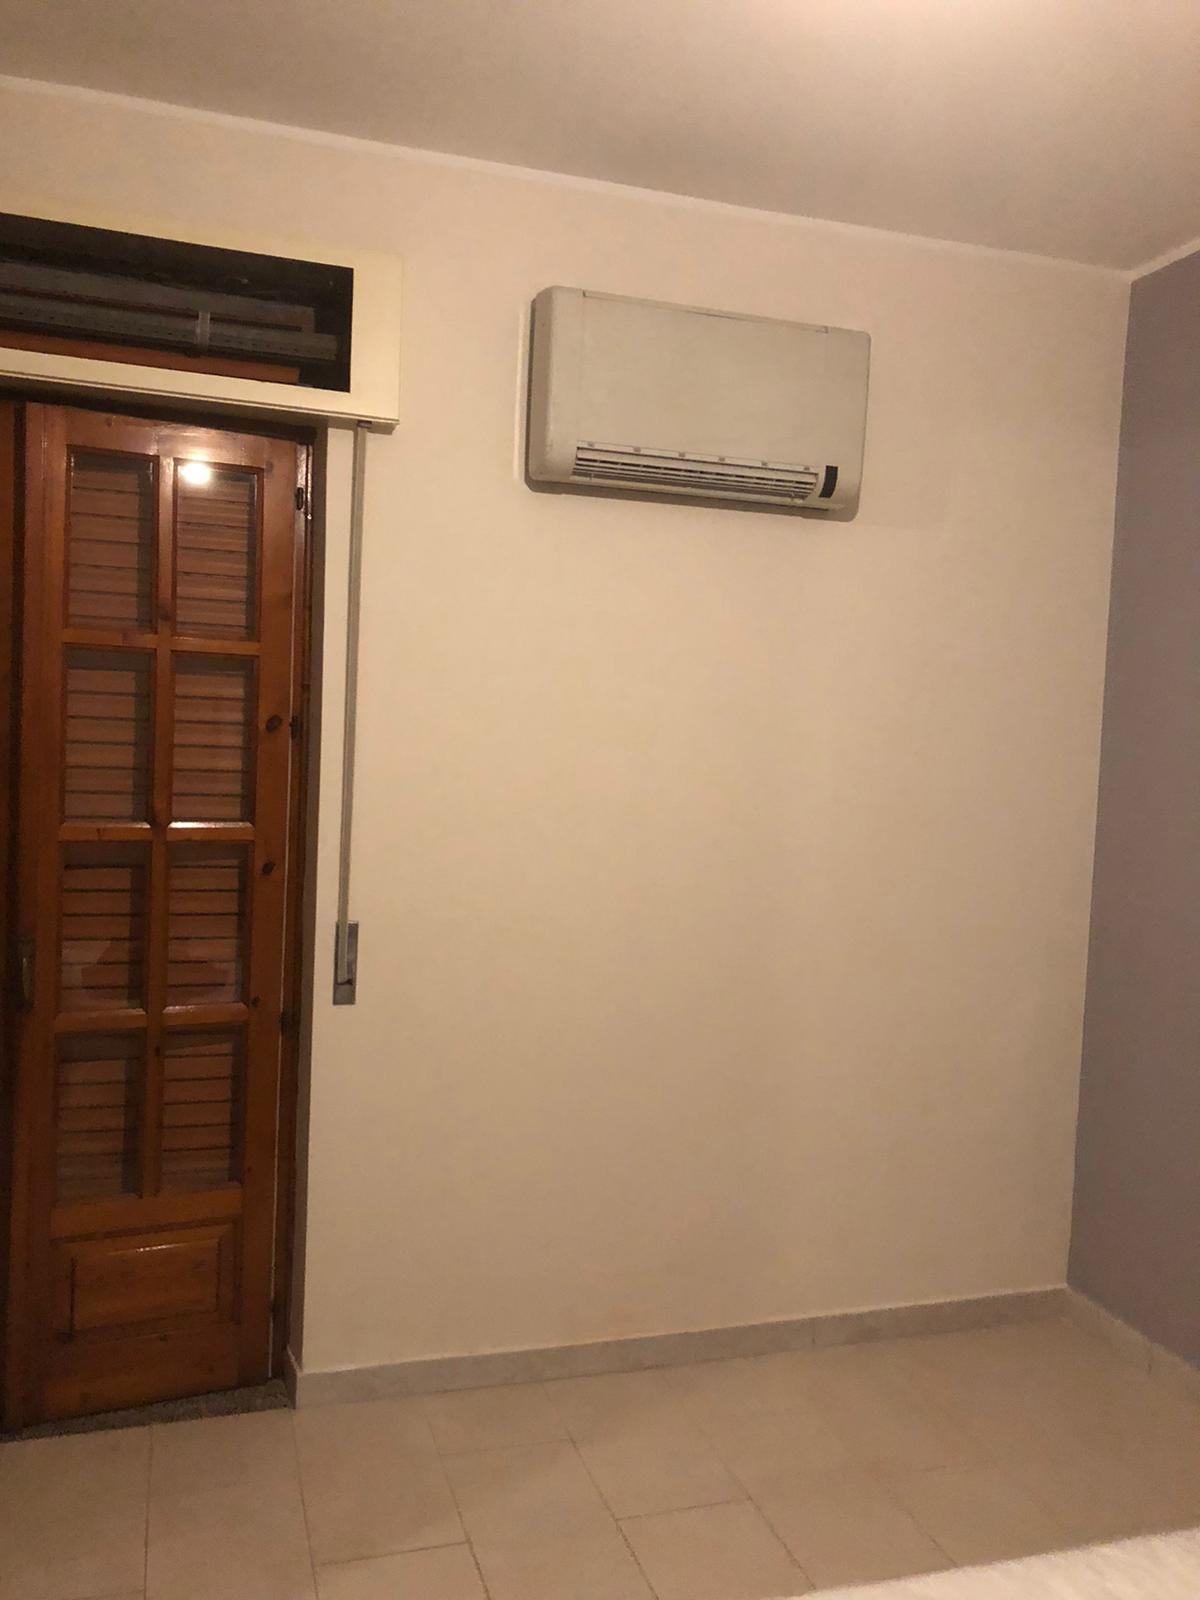 vecchio climatizzatore montato in una stanza